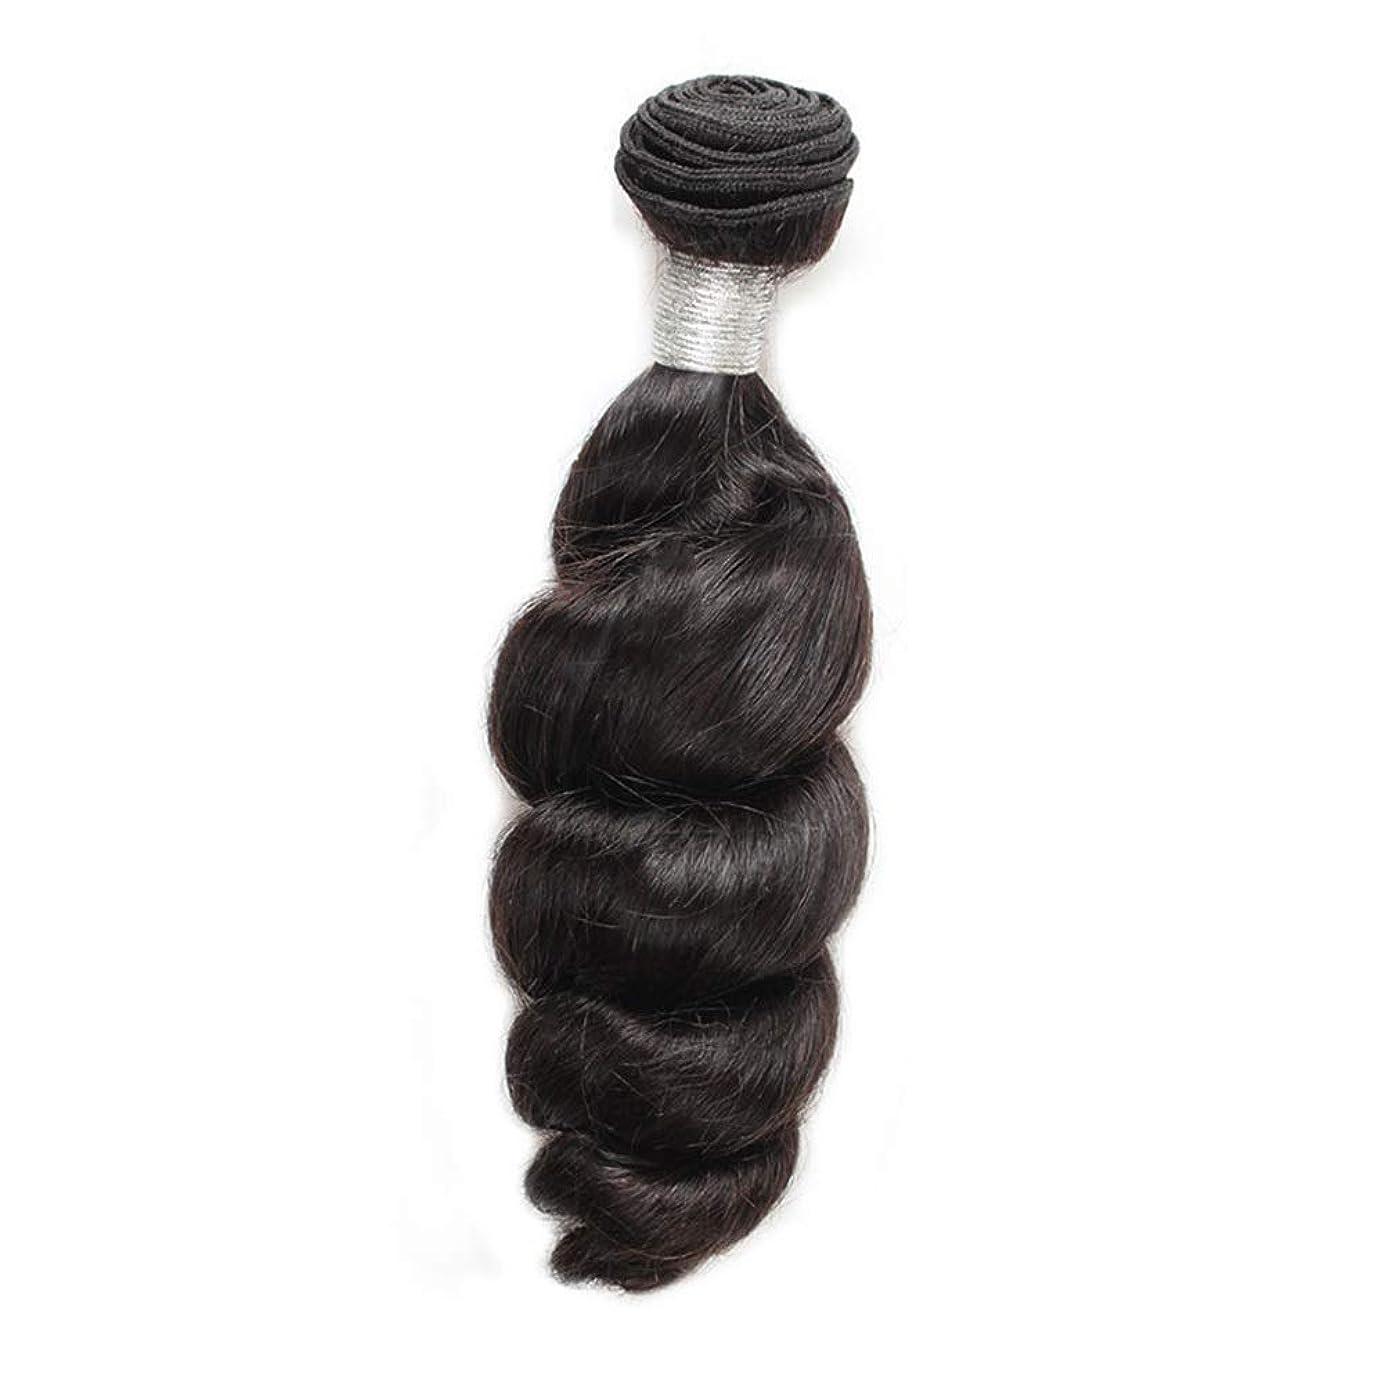 植物の共和党シュリンクYESONEEP 女性の人間の髪の毛ブラジルのバージンルースウェーブの束横糸ナチュラルブラック100g /個1枚入り(12インチ-26インチ)合成髪レースかつらロールプレイングかつらストレートシリンダーショートスタイル女性自然 (色 : 黒, サイズ : 12 inch)